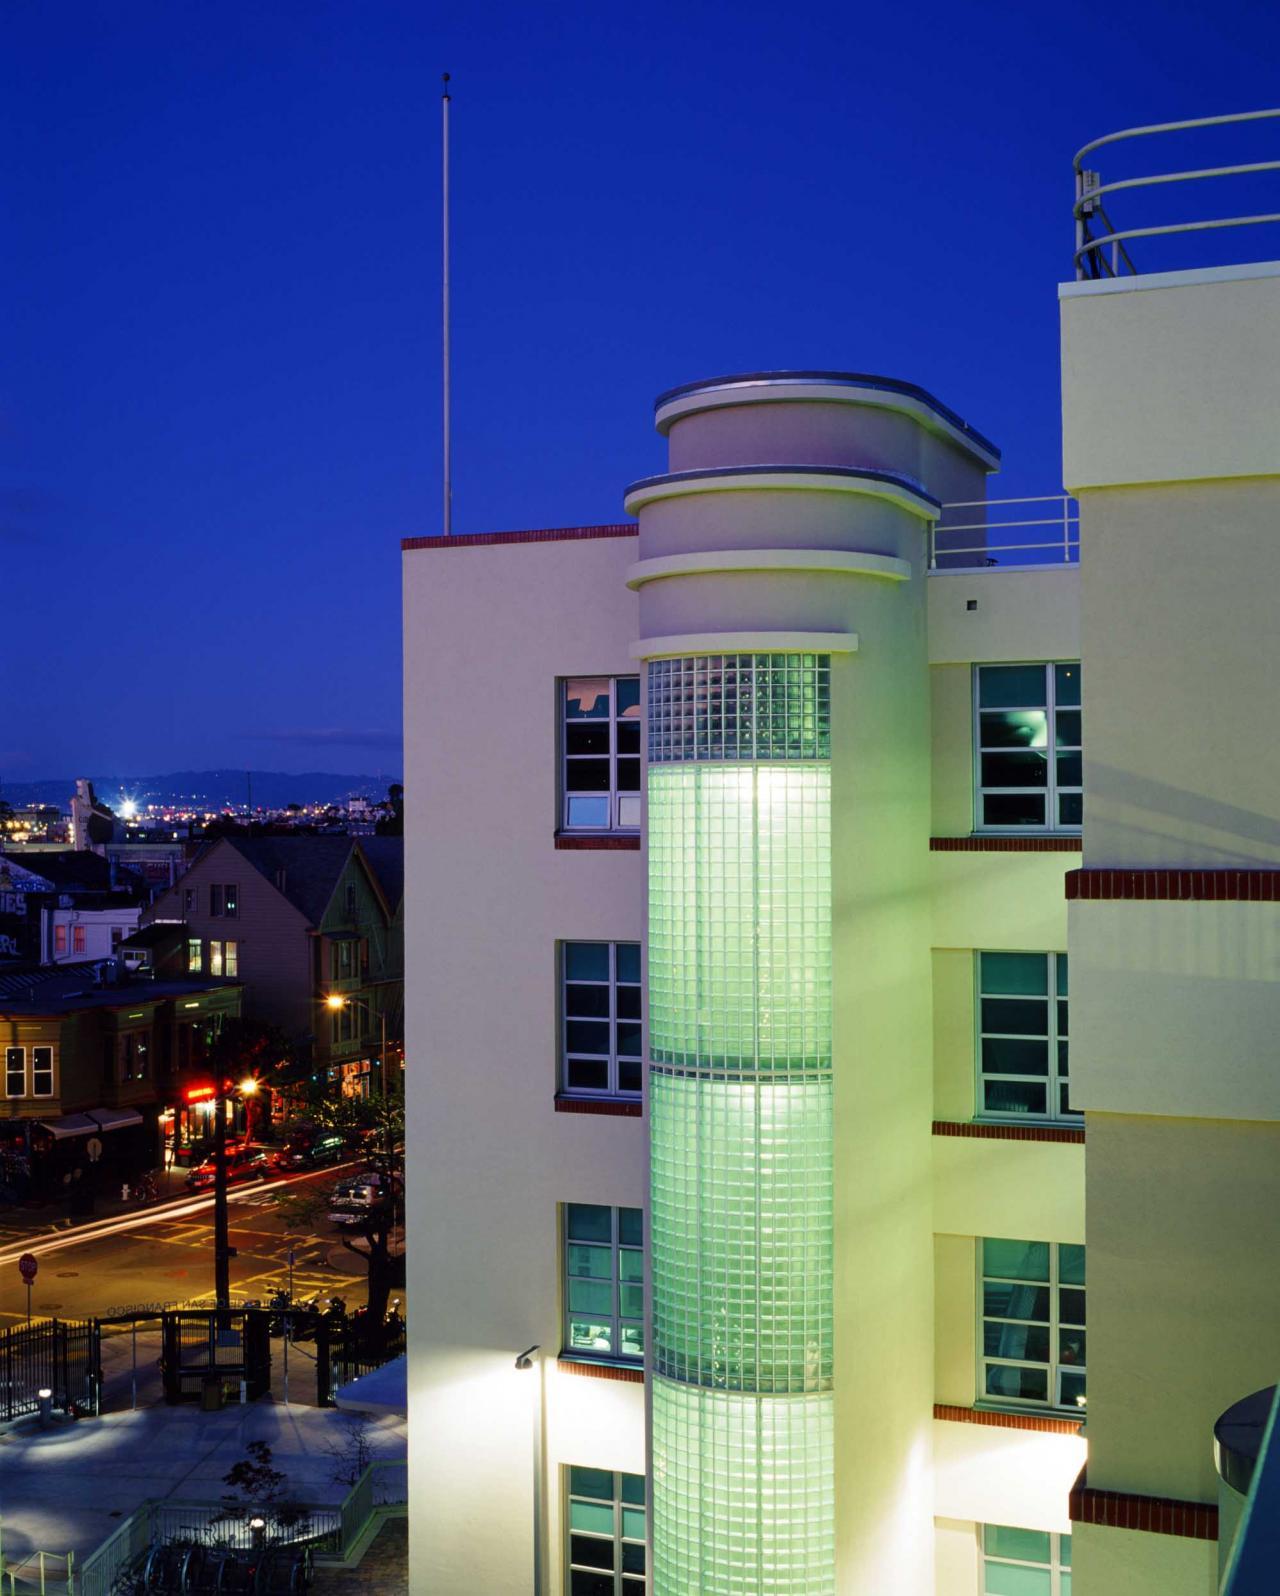 Mission Palms Apartments: Cervantes Design Associates, Inc.